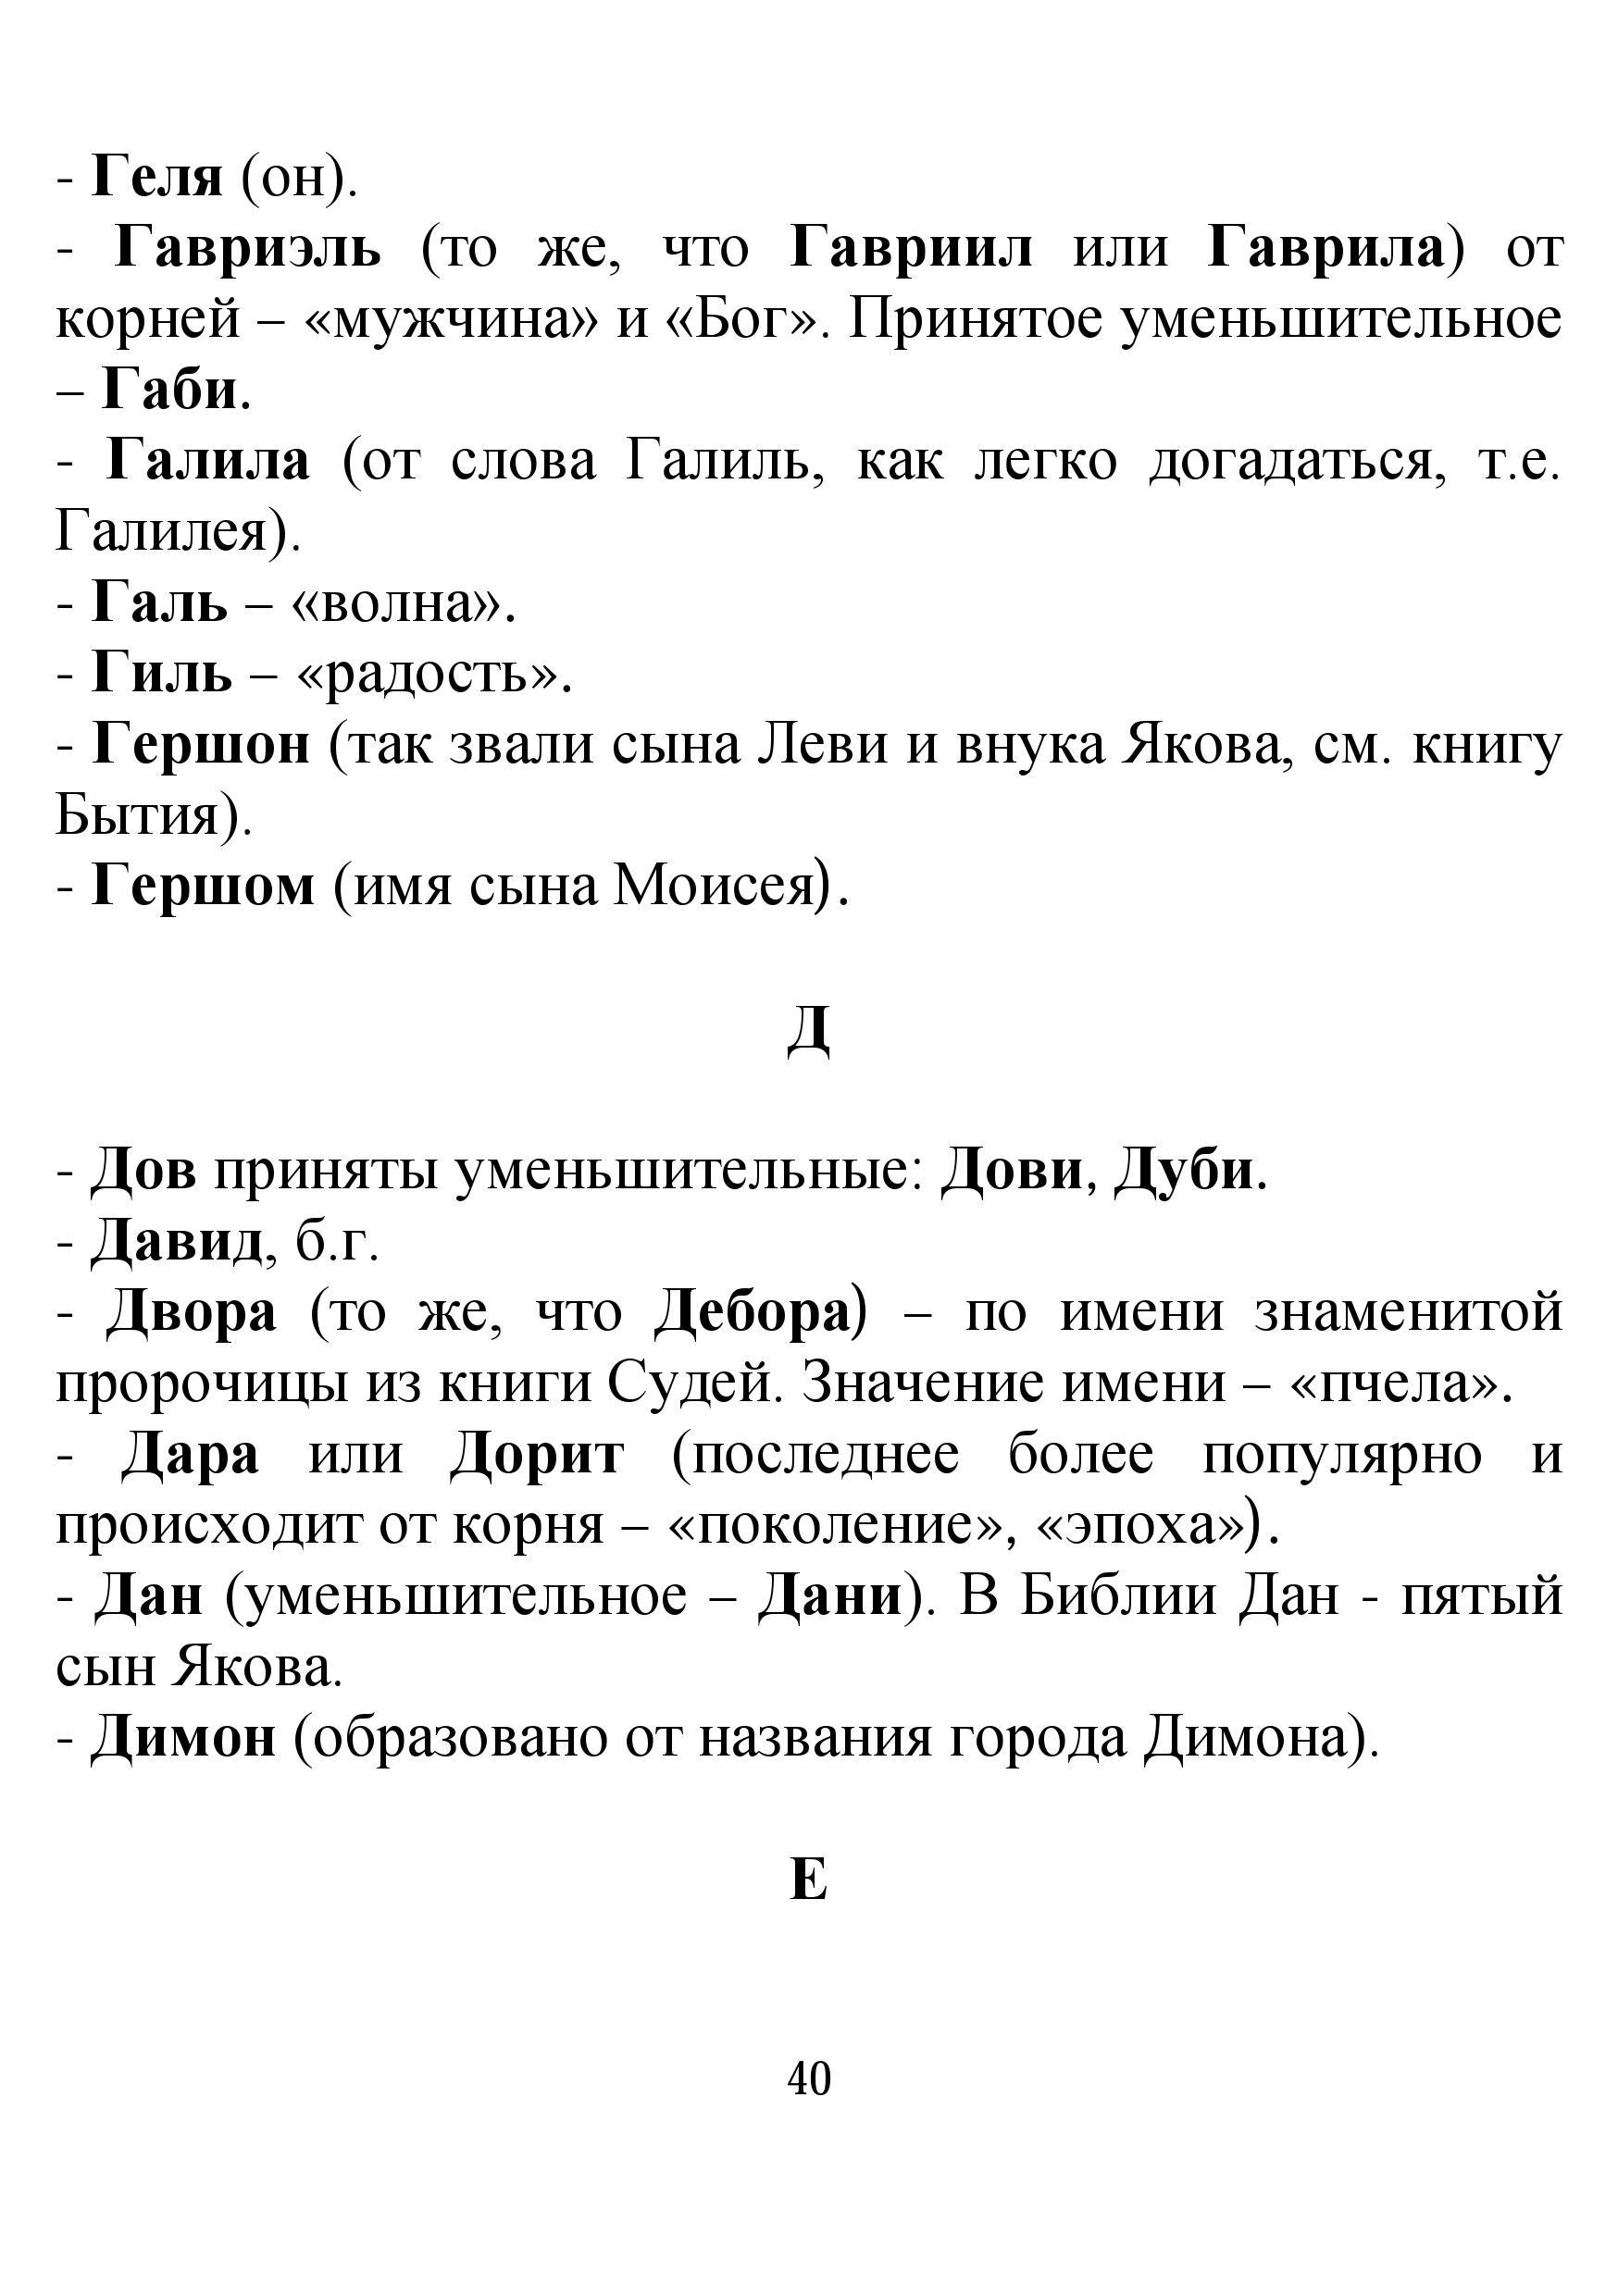 http://s1.uploads.ru/54gYx.jpg